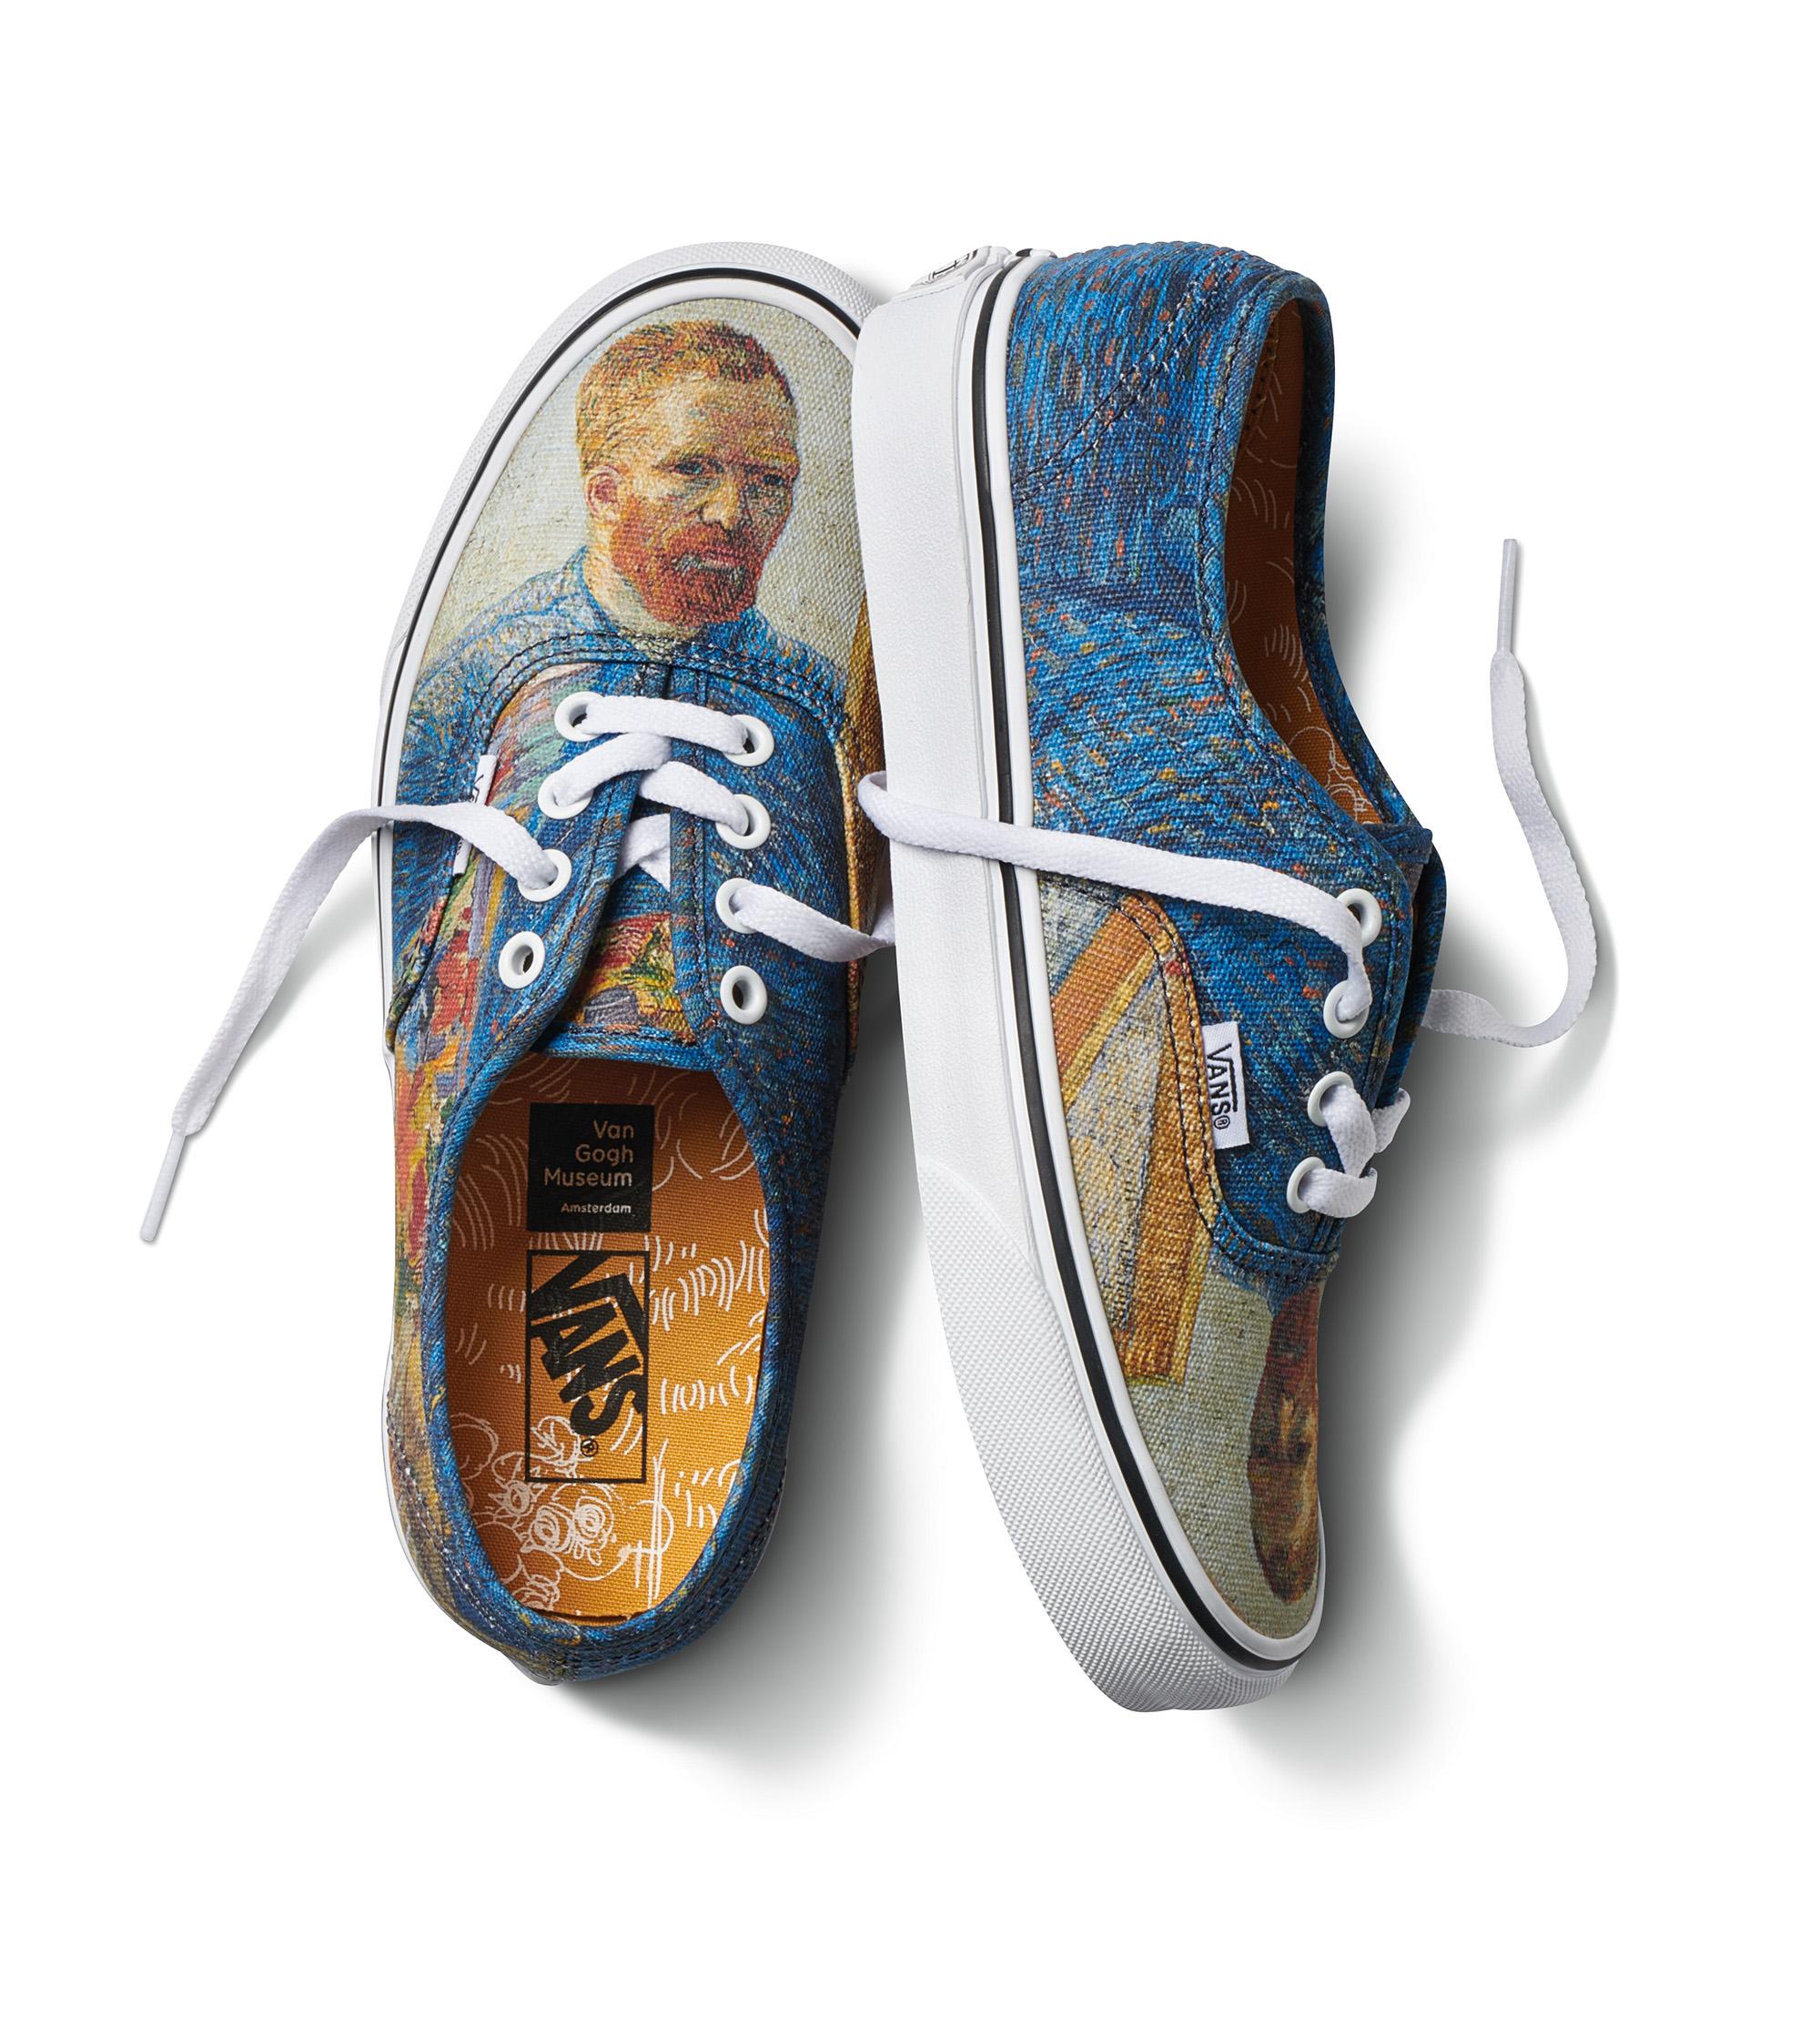 Vans x Van Gogh Museum 3